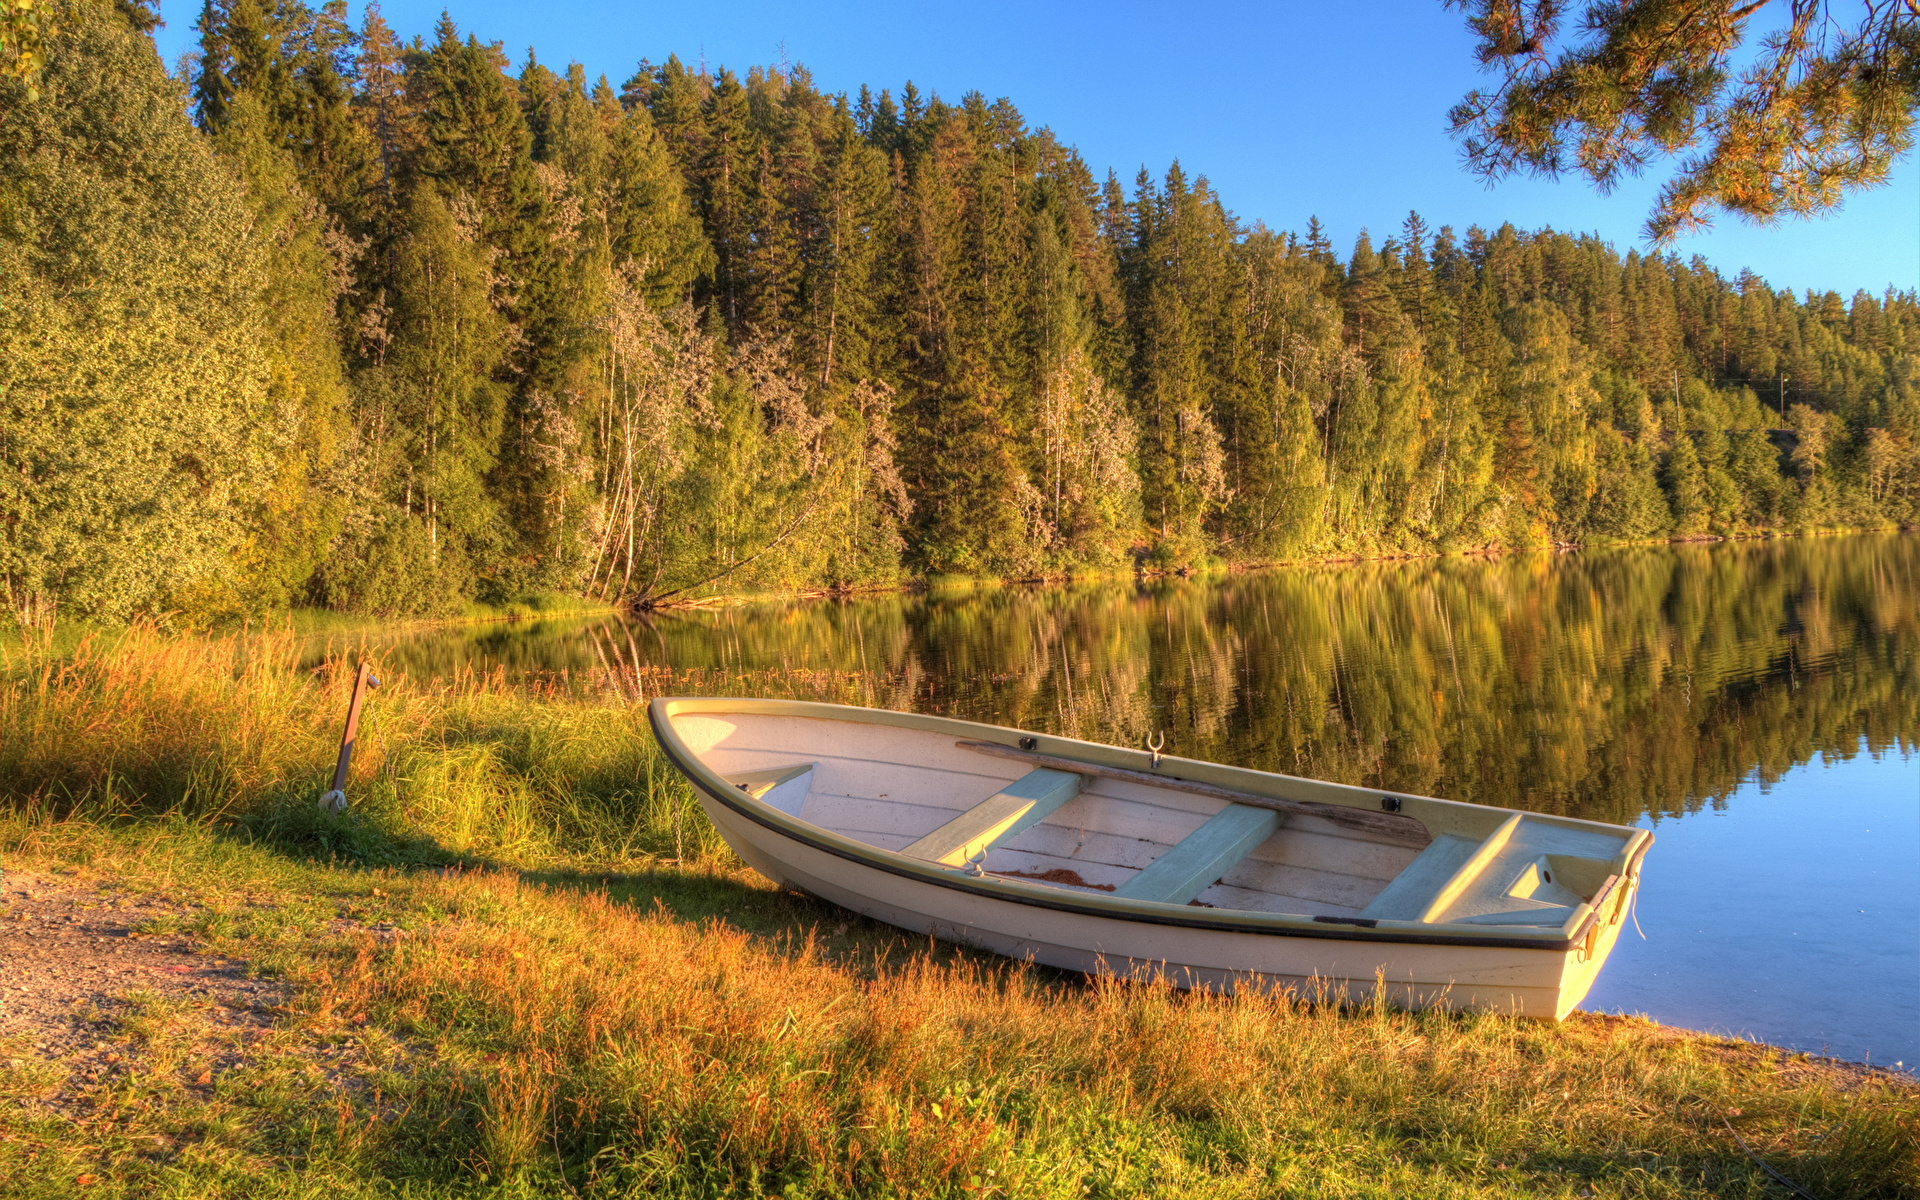 Лодка на берегу зеленого озера  № 2493033 загрузить